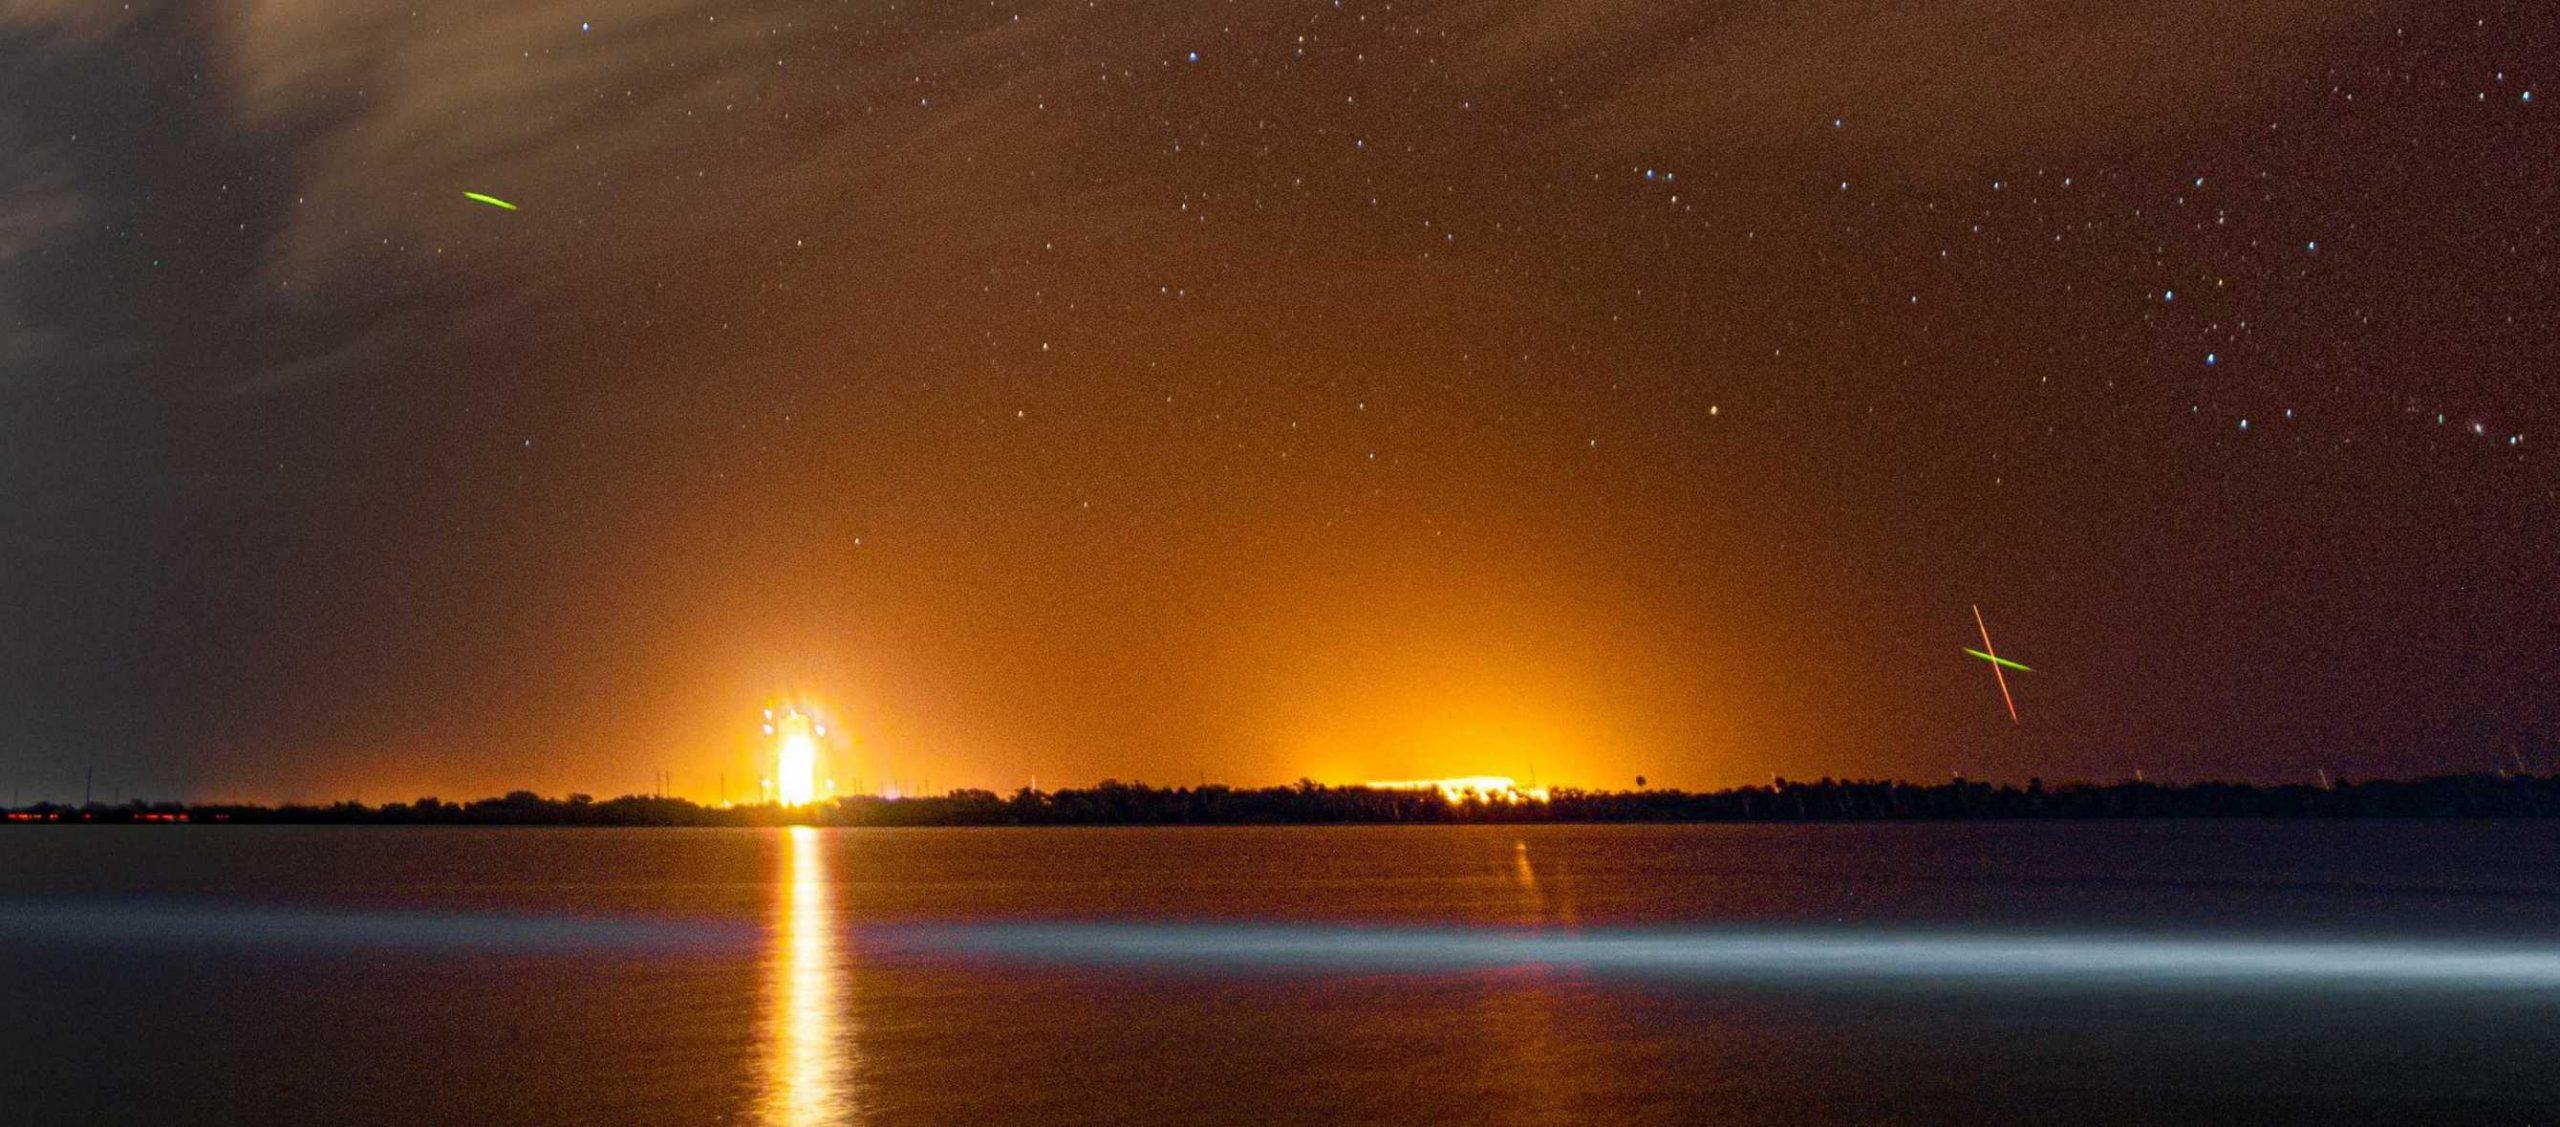 Falcon 9 Kacific-1 launch streak 121619 (Richard Angle) 1 fireflies crop 2 (c)